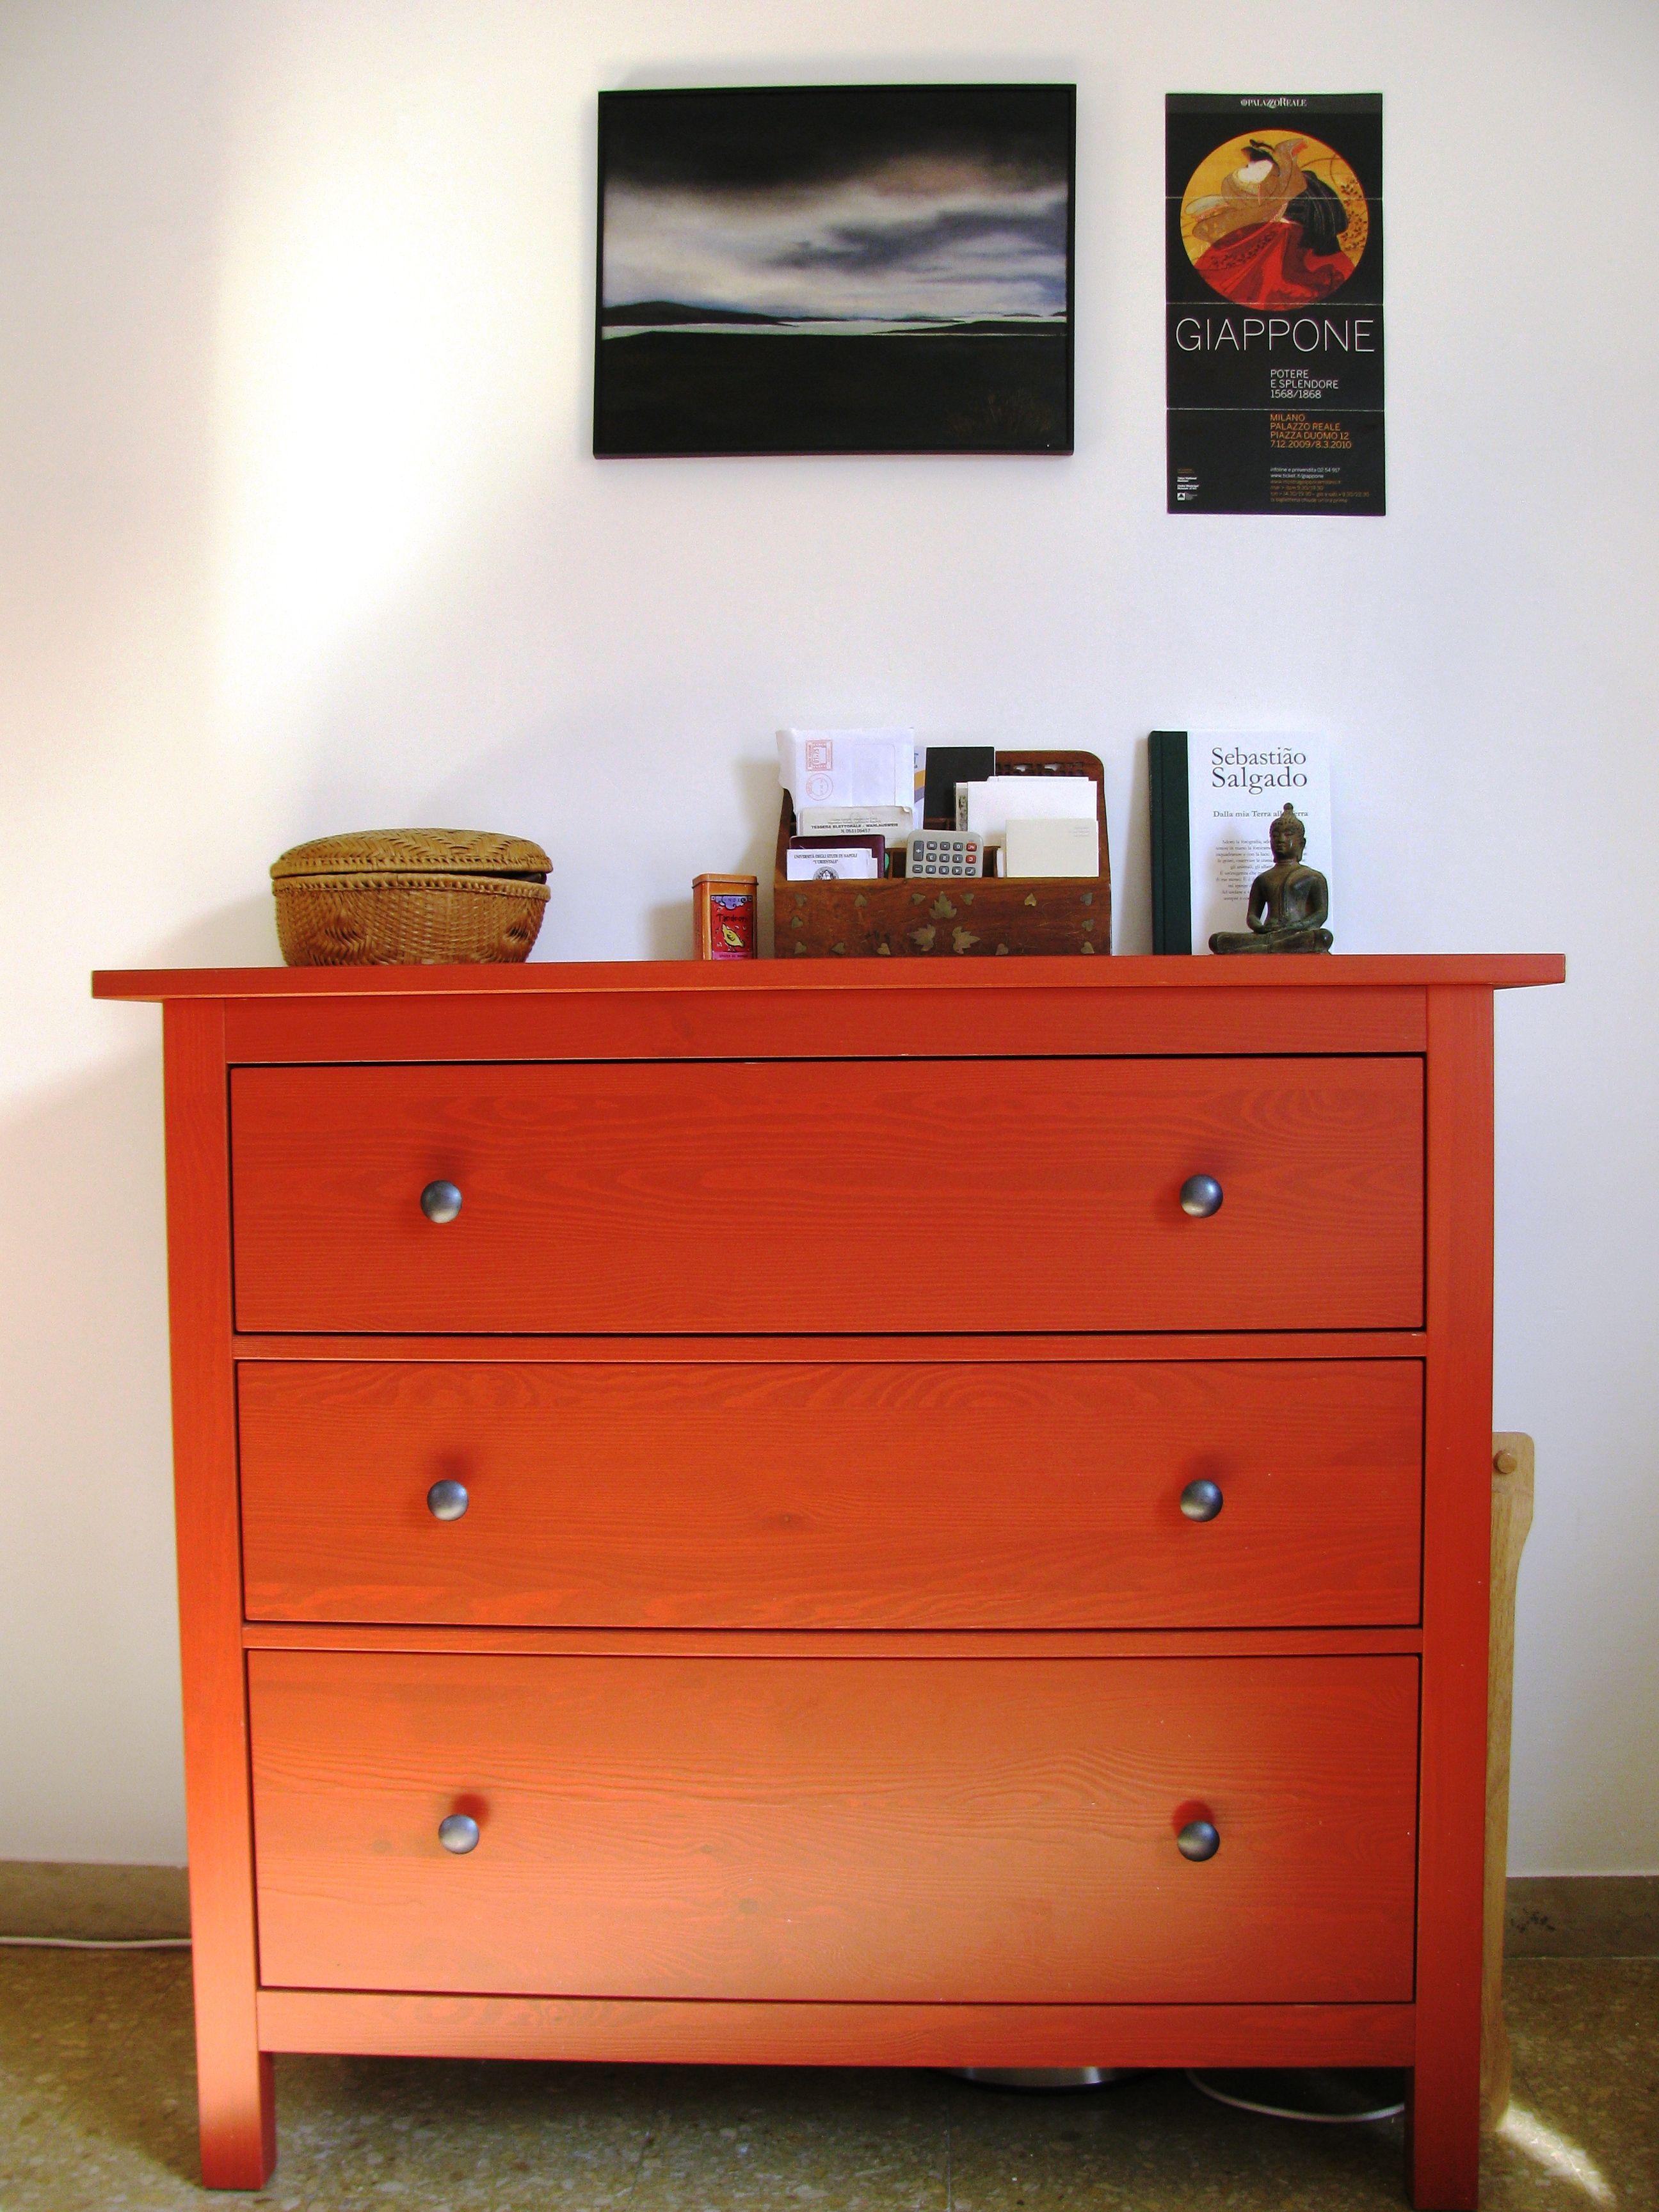 Ikea Hemnes Cassettiera Rossa.My Red Chest Of Drawers Hemnes By Ikea